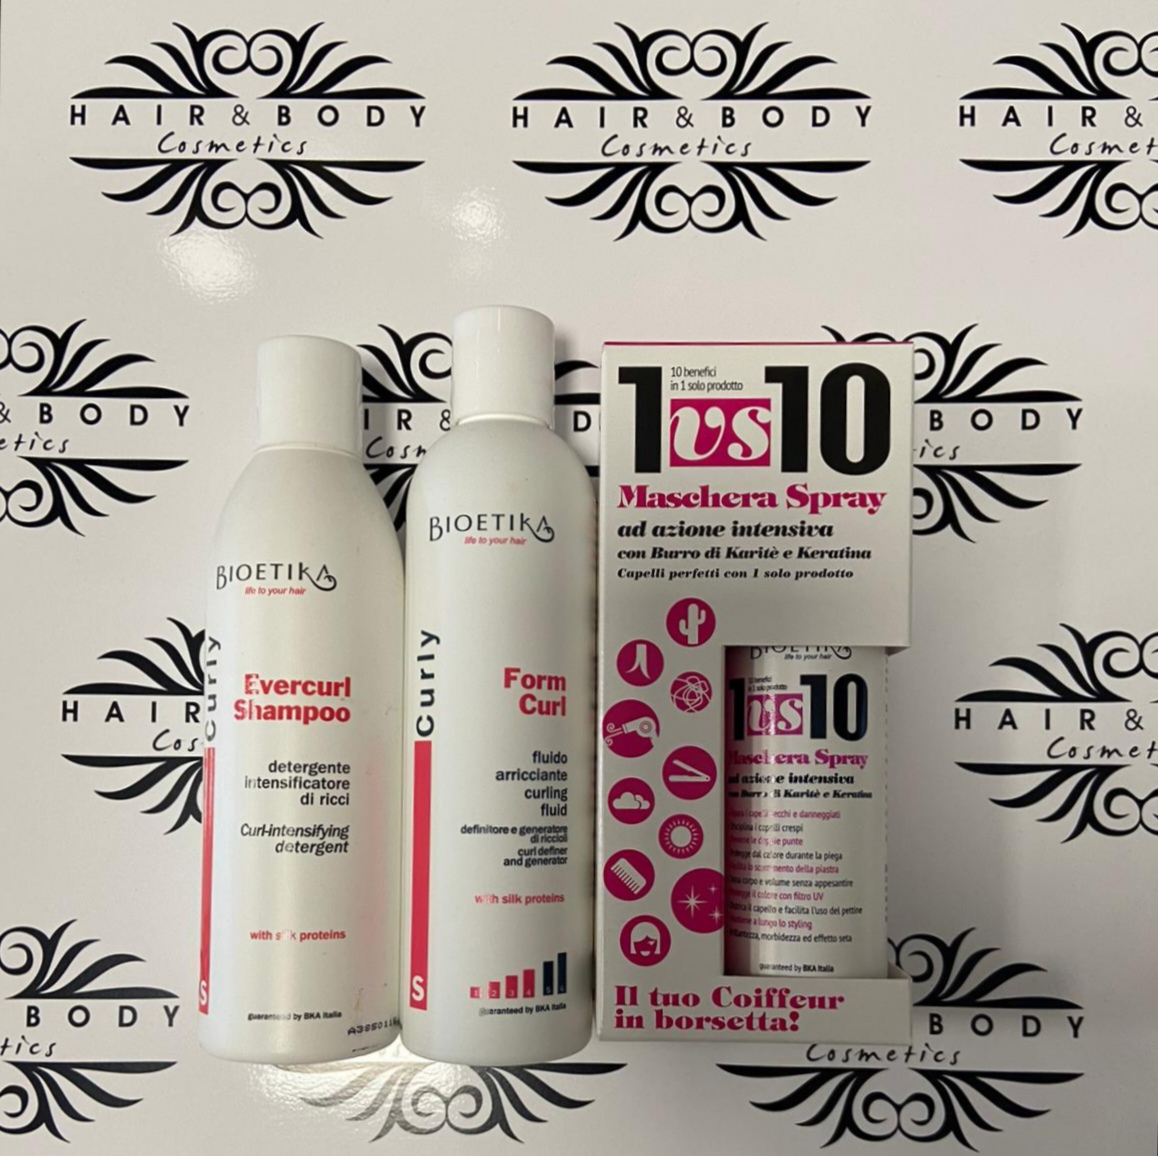 Bioetika Maschera Spray 150ml+Fluido Arricciante 250ml+Shampoo 250ml